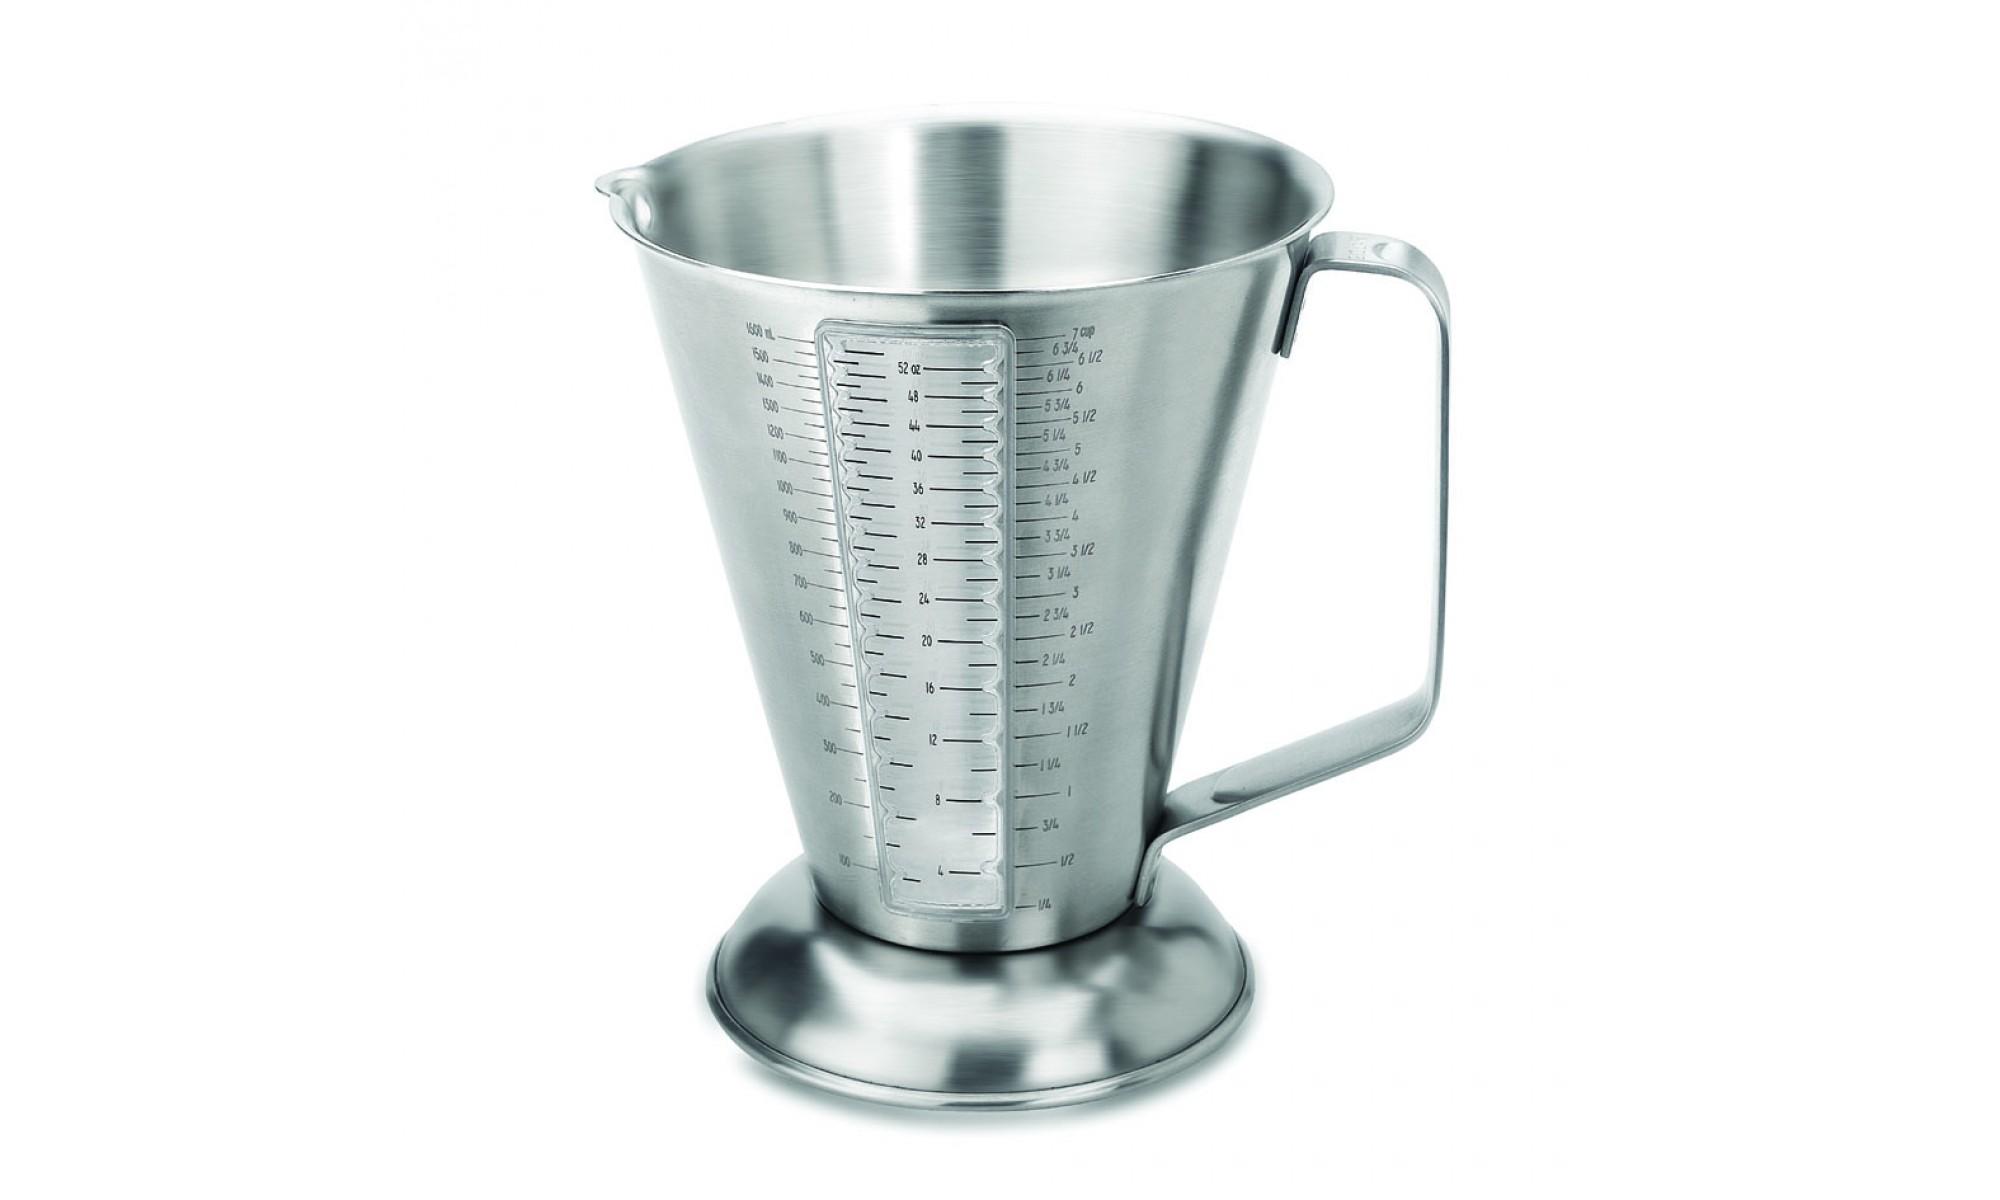 мерный стакан из нержавейки